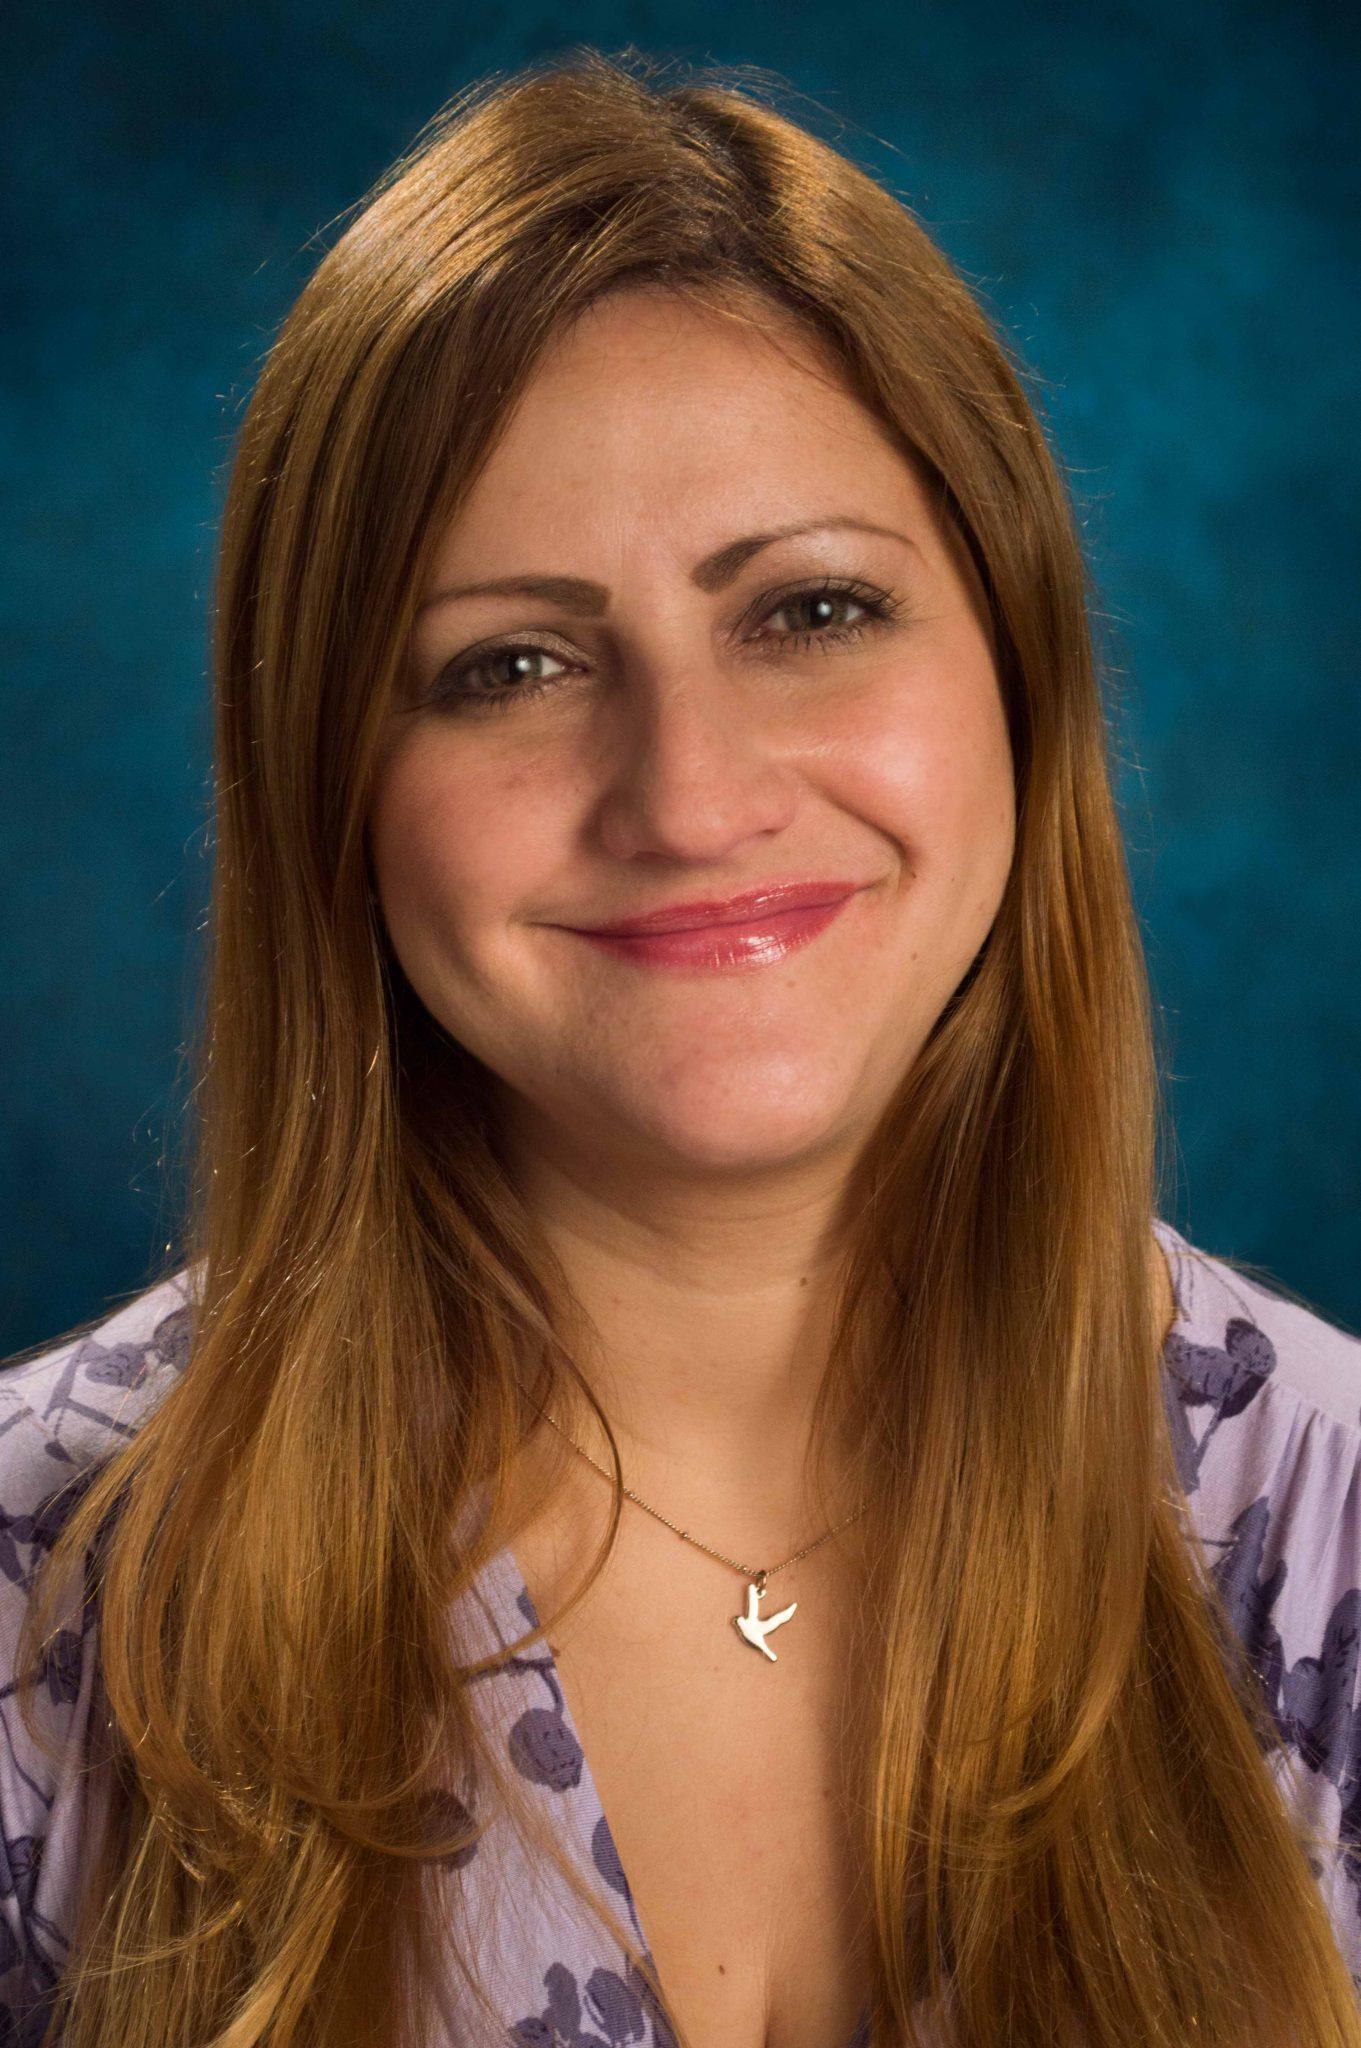 Verónica Van Derdys-Palomo